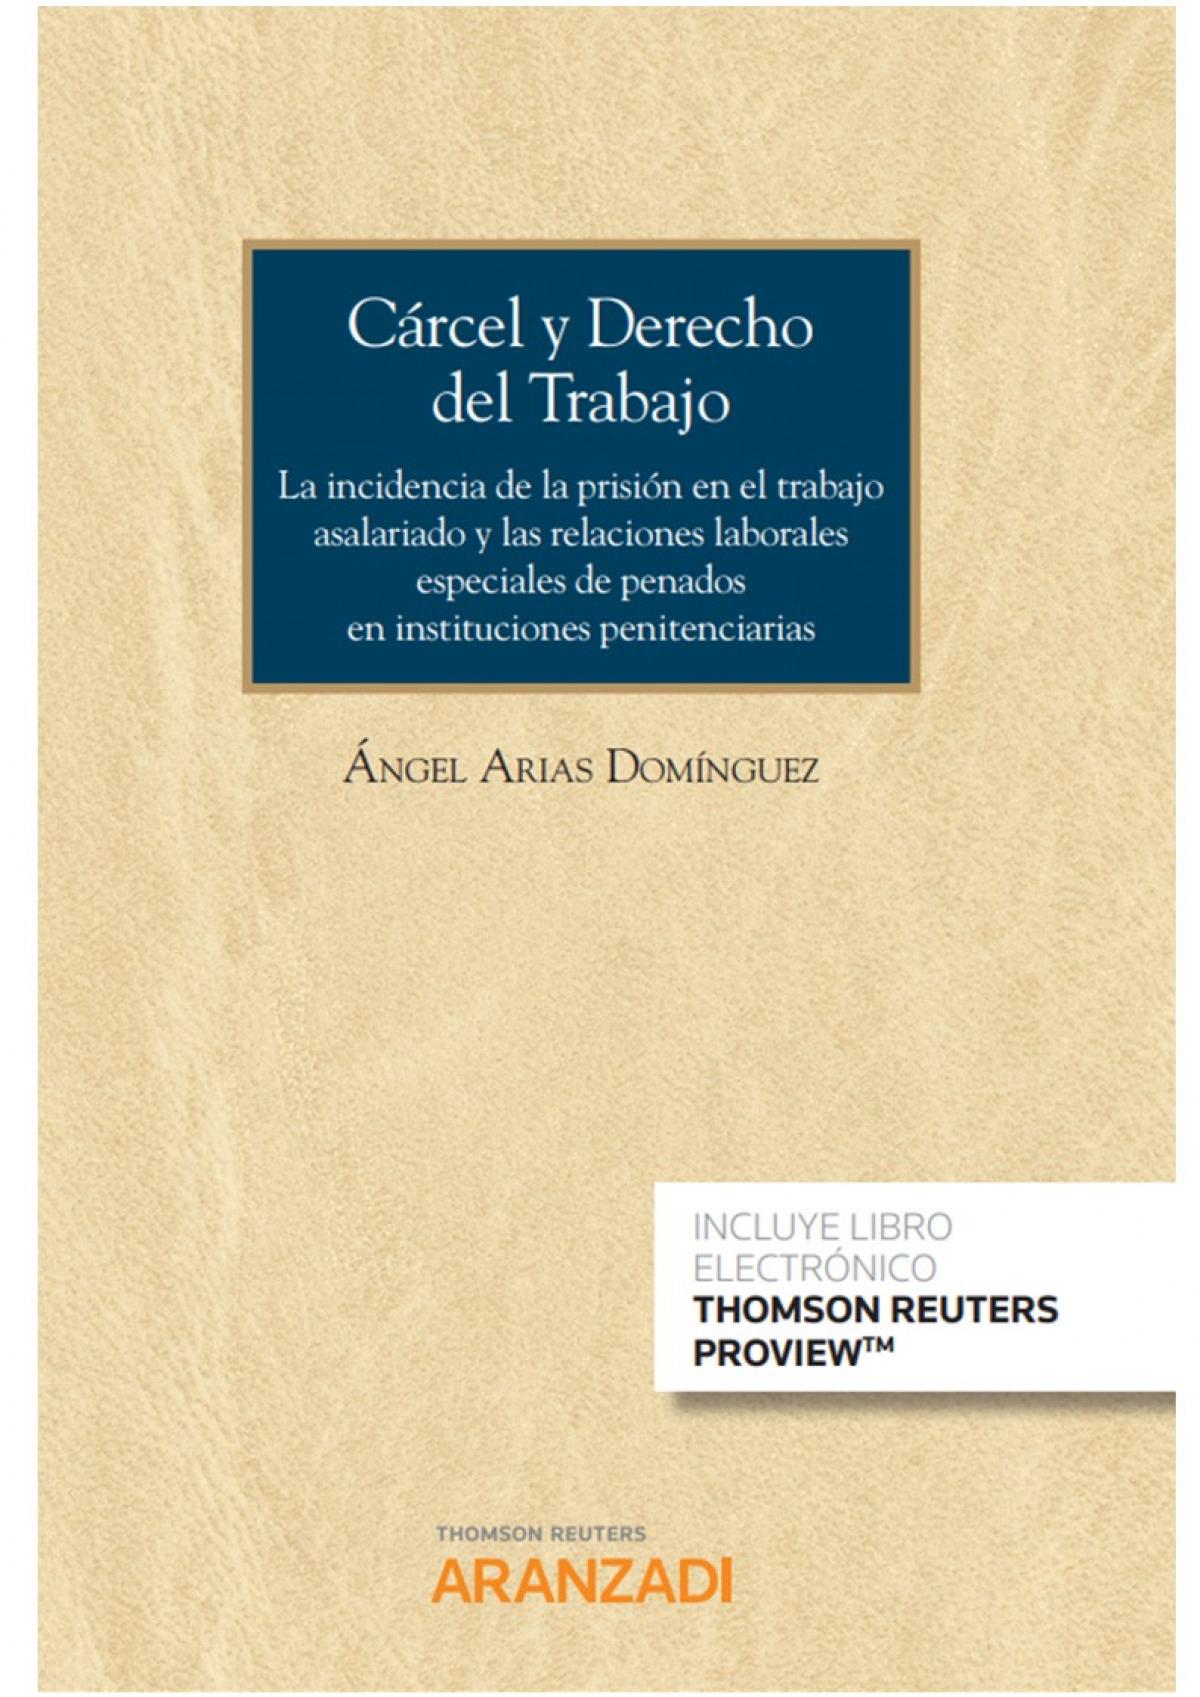 Cárcel y Derecho del Trabajo (Papel + e-book) 9788413453866